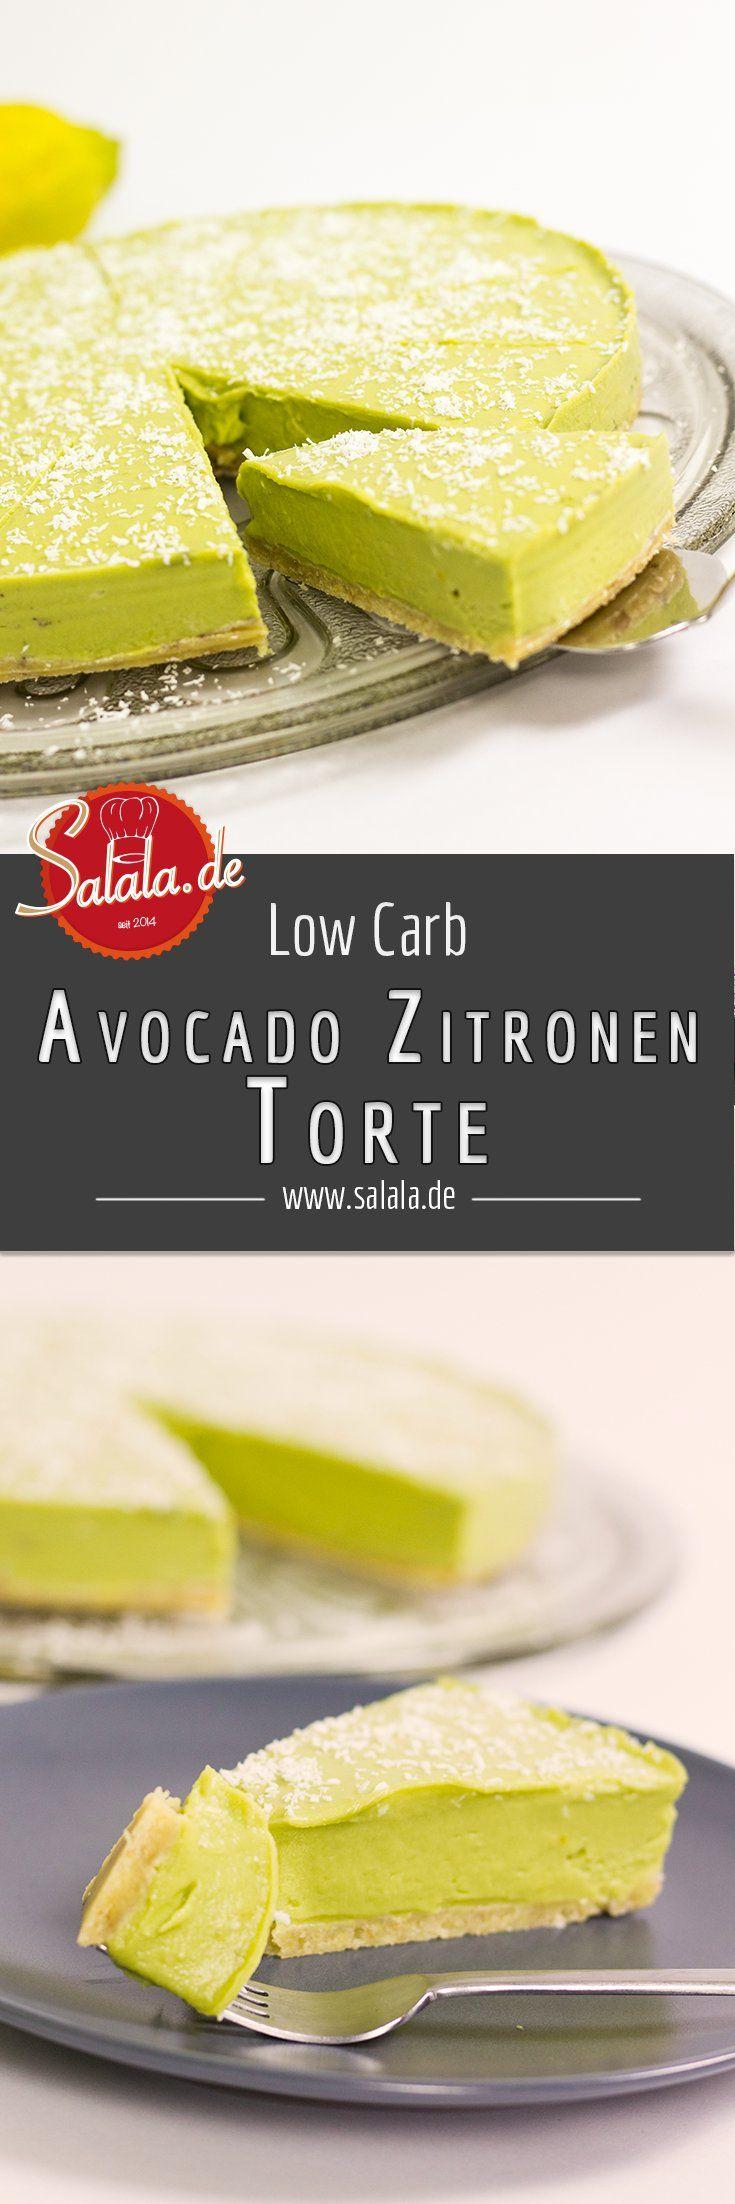 Avocado Zitronen Torte Kühlschrankkuchen Low Carb glutenfrei backen - salala.de Leckere und cremige Avocado-Zitronen-Torte - absolut zuckerfrei, mehlfrei und glutenfrei! Knallgrün und superlecker, nur 3g Kohlenhydrate pro Stück. So eine Low Carb Torte hast du noch nie gegessen!